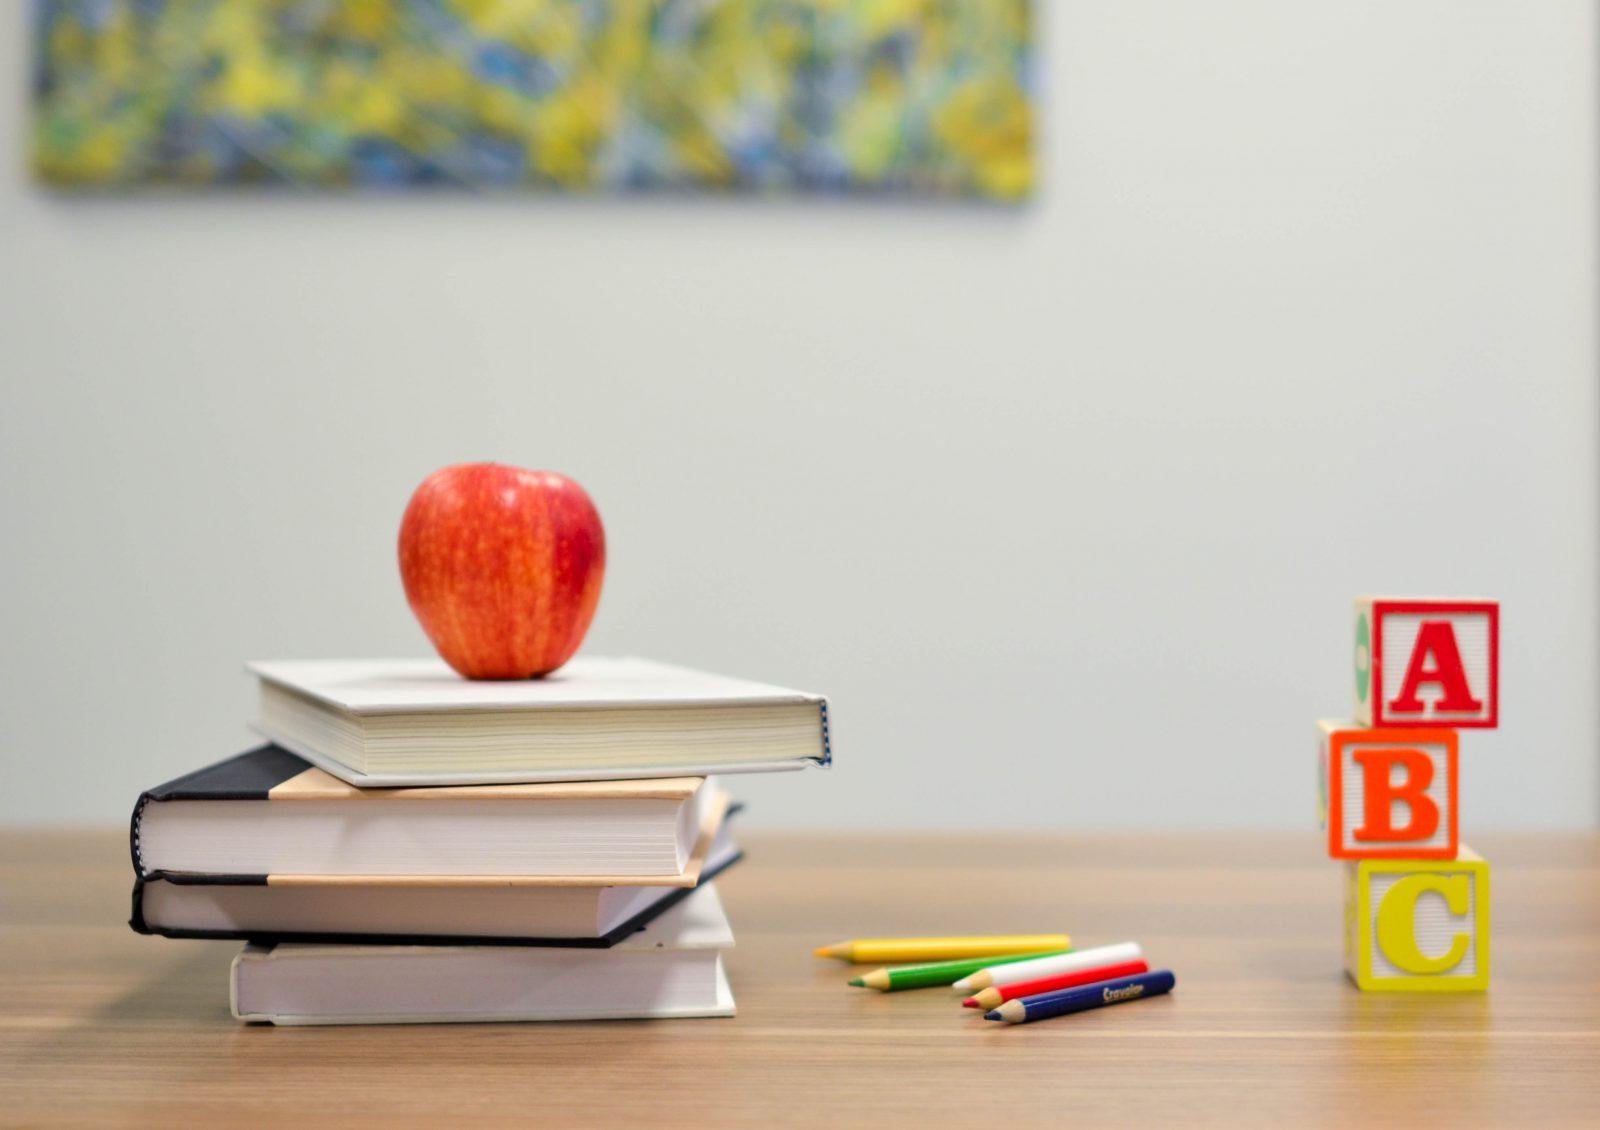 Apple Blocks and Books on Table